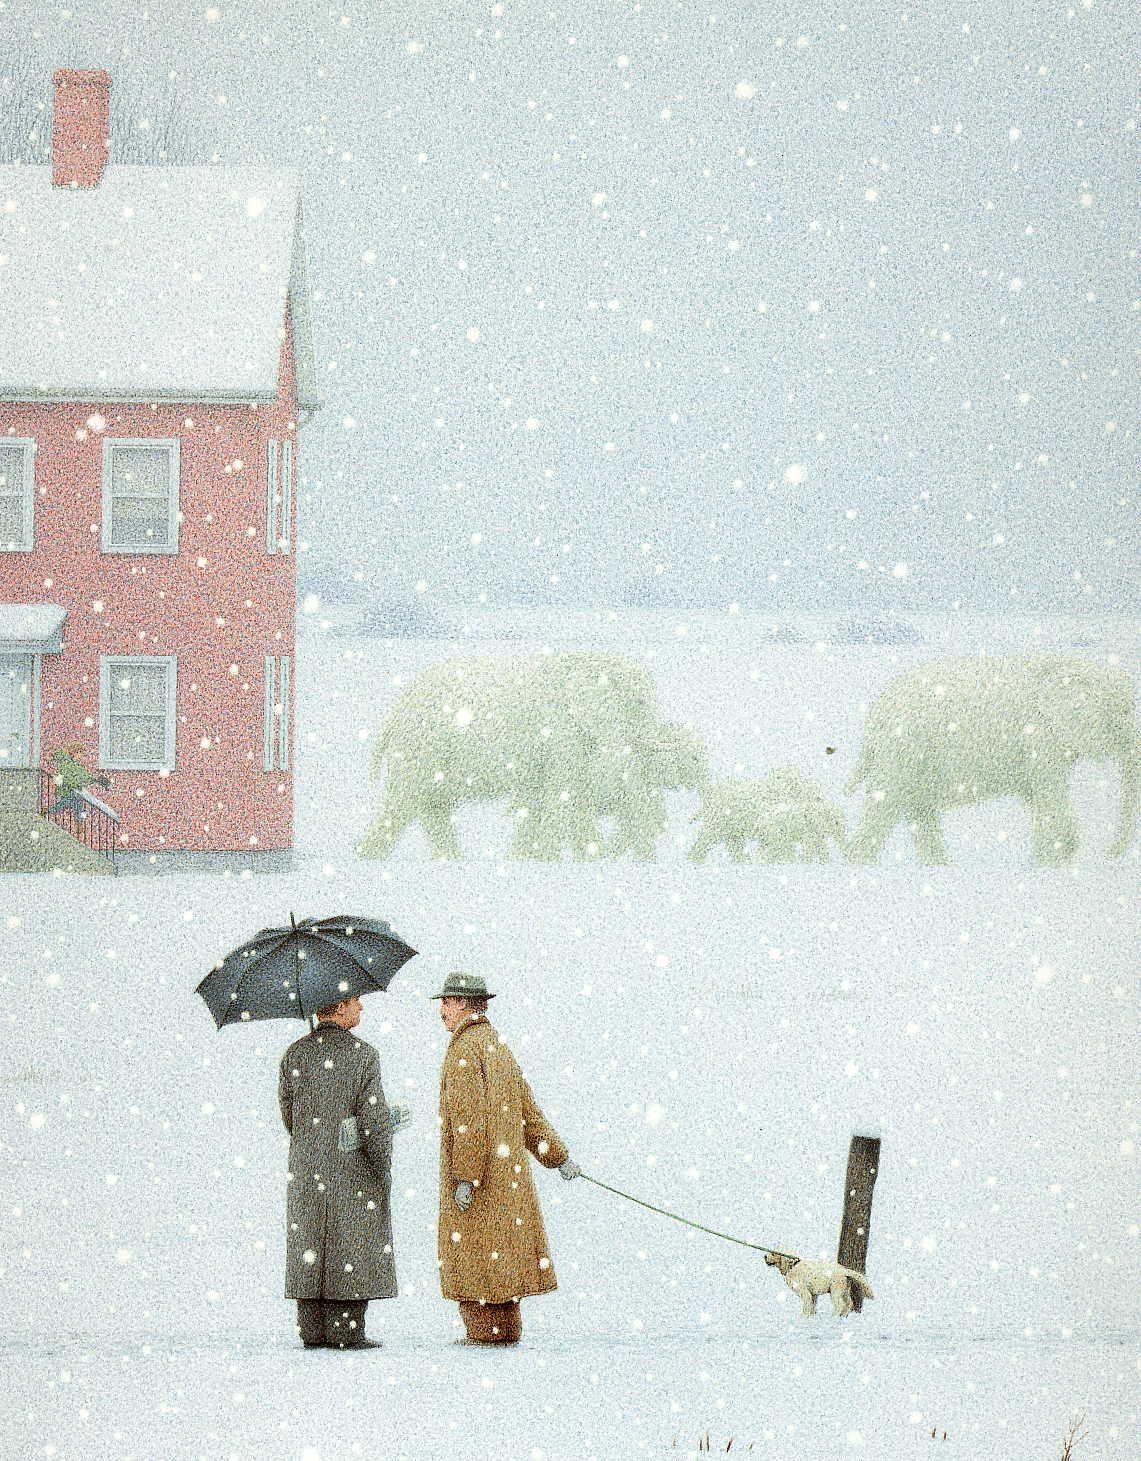 Elefantes De Nieve En Canadá Momentos Maravillosos Los Del Coleccionista Cuadro Invernal Ilustración De Elefante Producción Artística